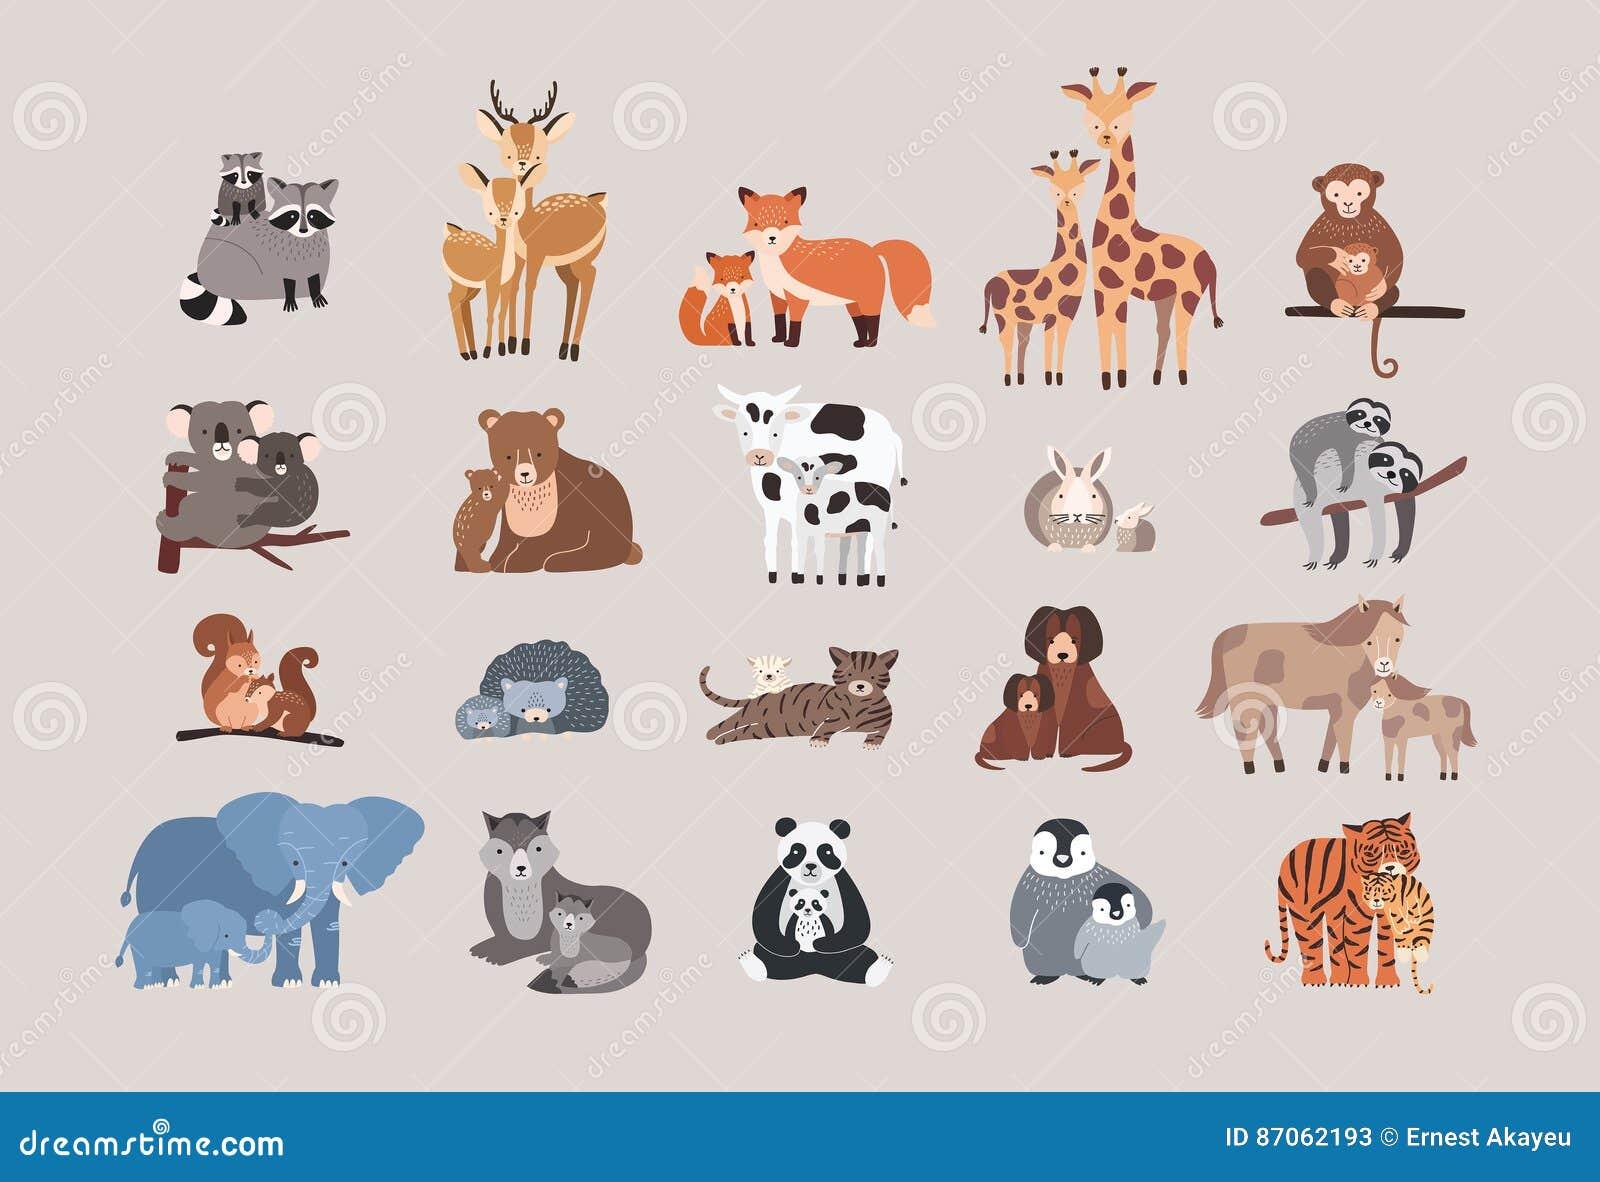 Animaux mignons avec des bébés réglés raton laveur, cerf commun, renard, girafe, singe, koala, ours, vache, lapin, paresse, écure